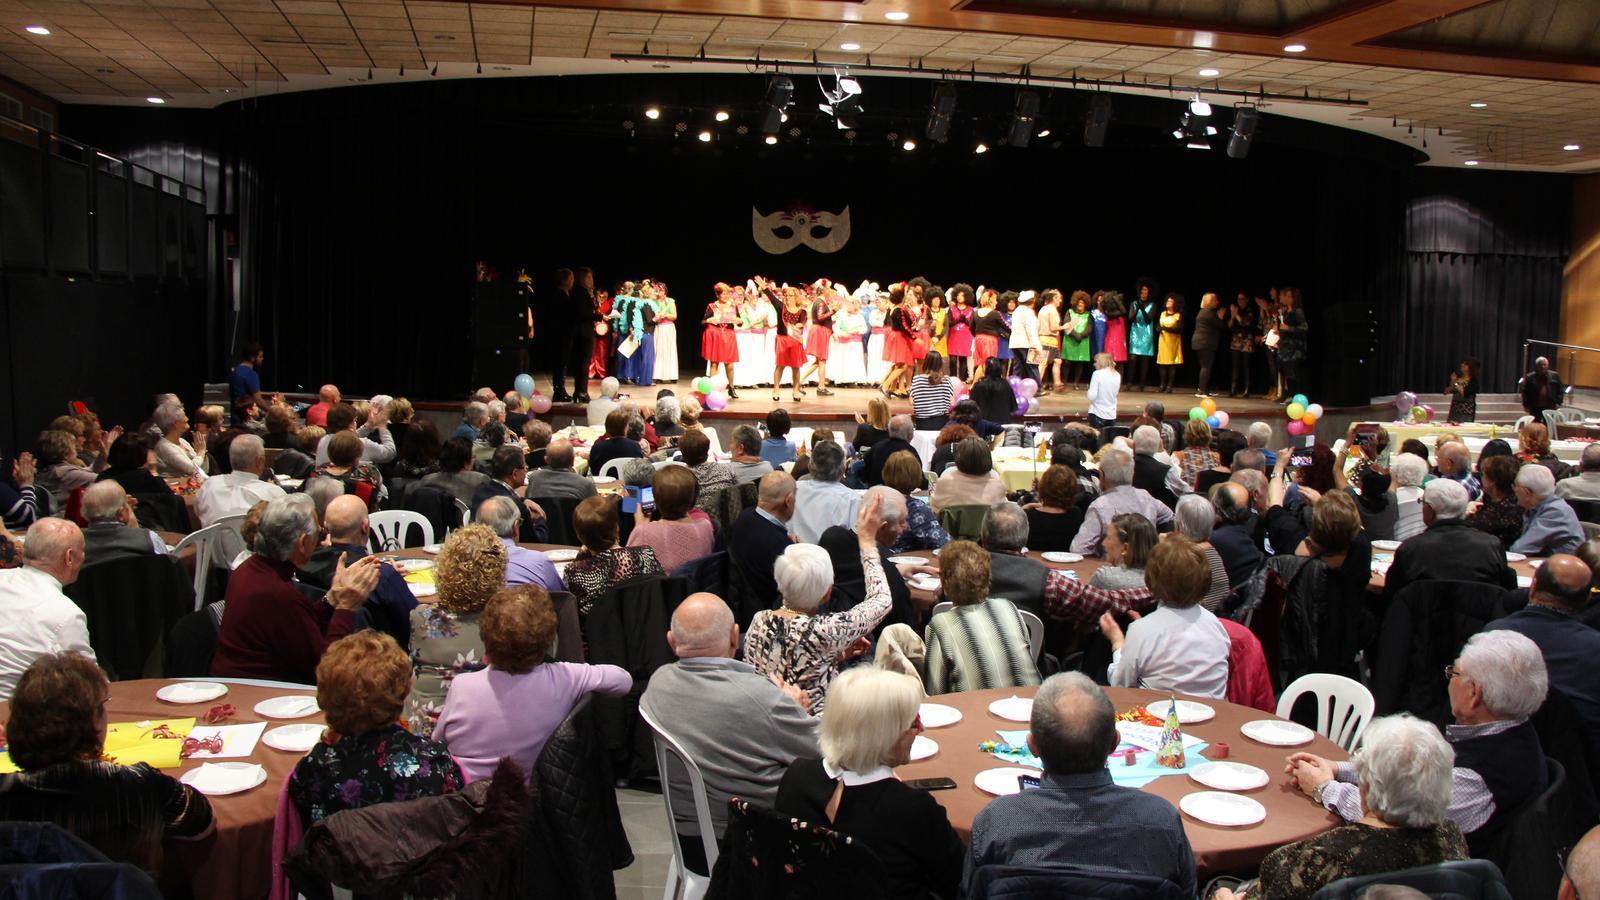 El concurs de disfresses del Carnaval interparroquial ha concentrat al voltant de 450 persones. / M. R. F.